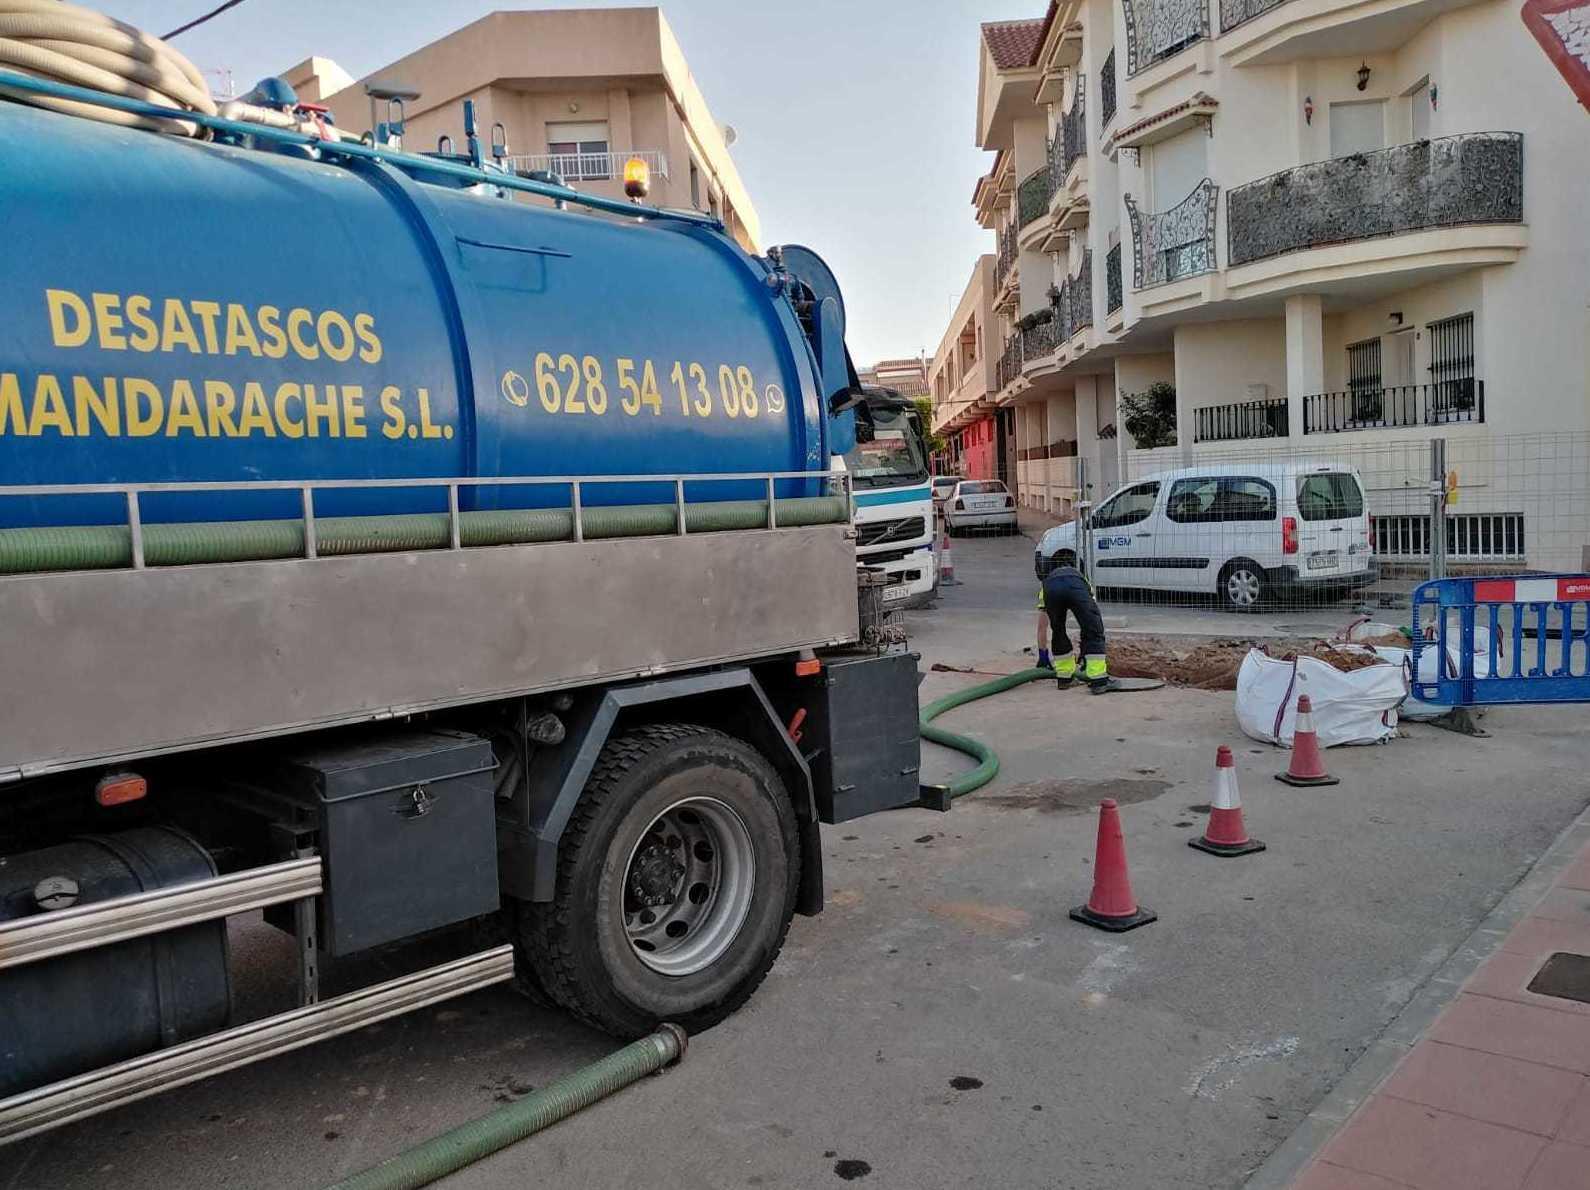 Foto 14 de Desatascos en Cartagena | Desatascos Mandarache, S.L.